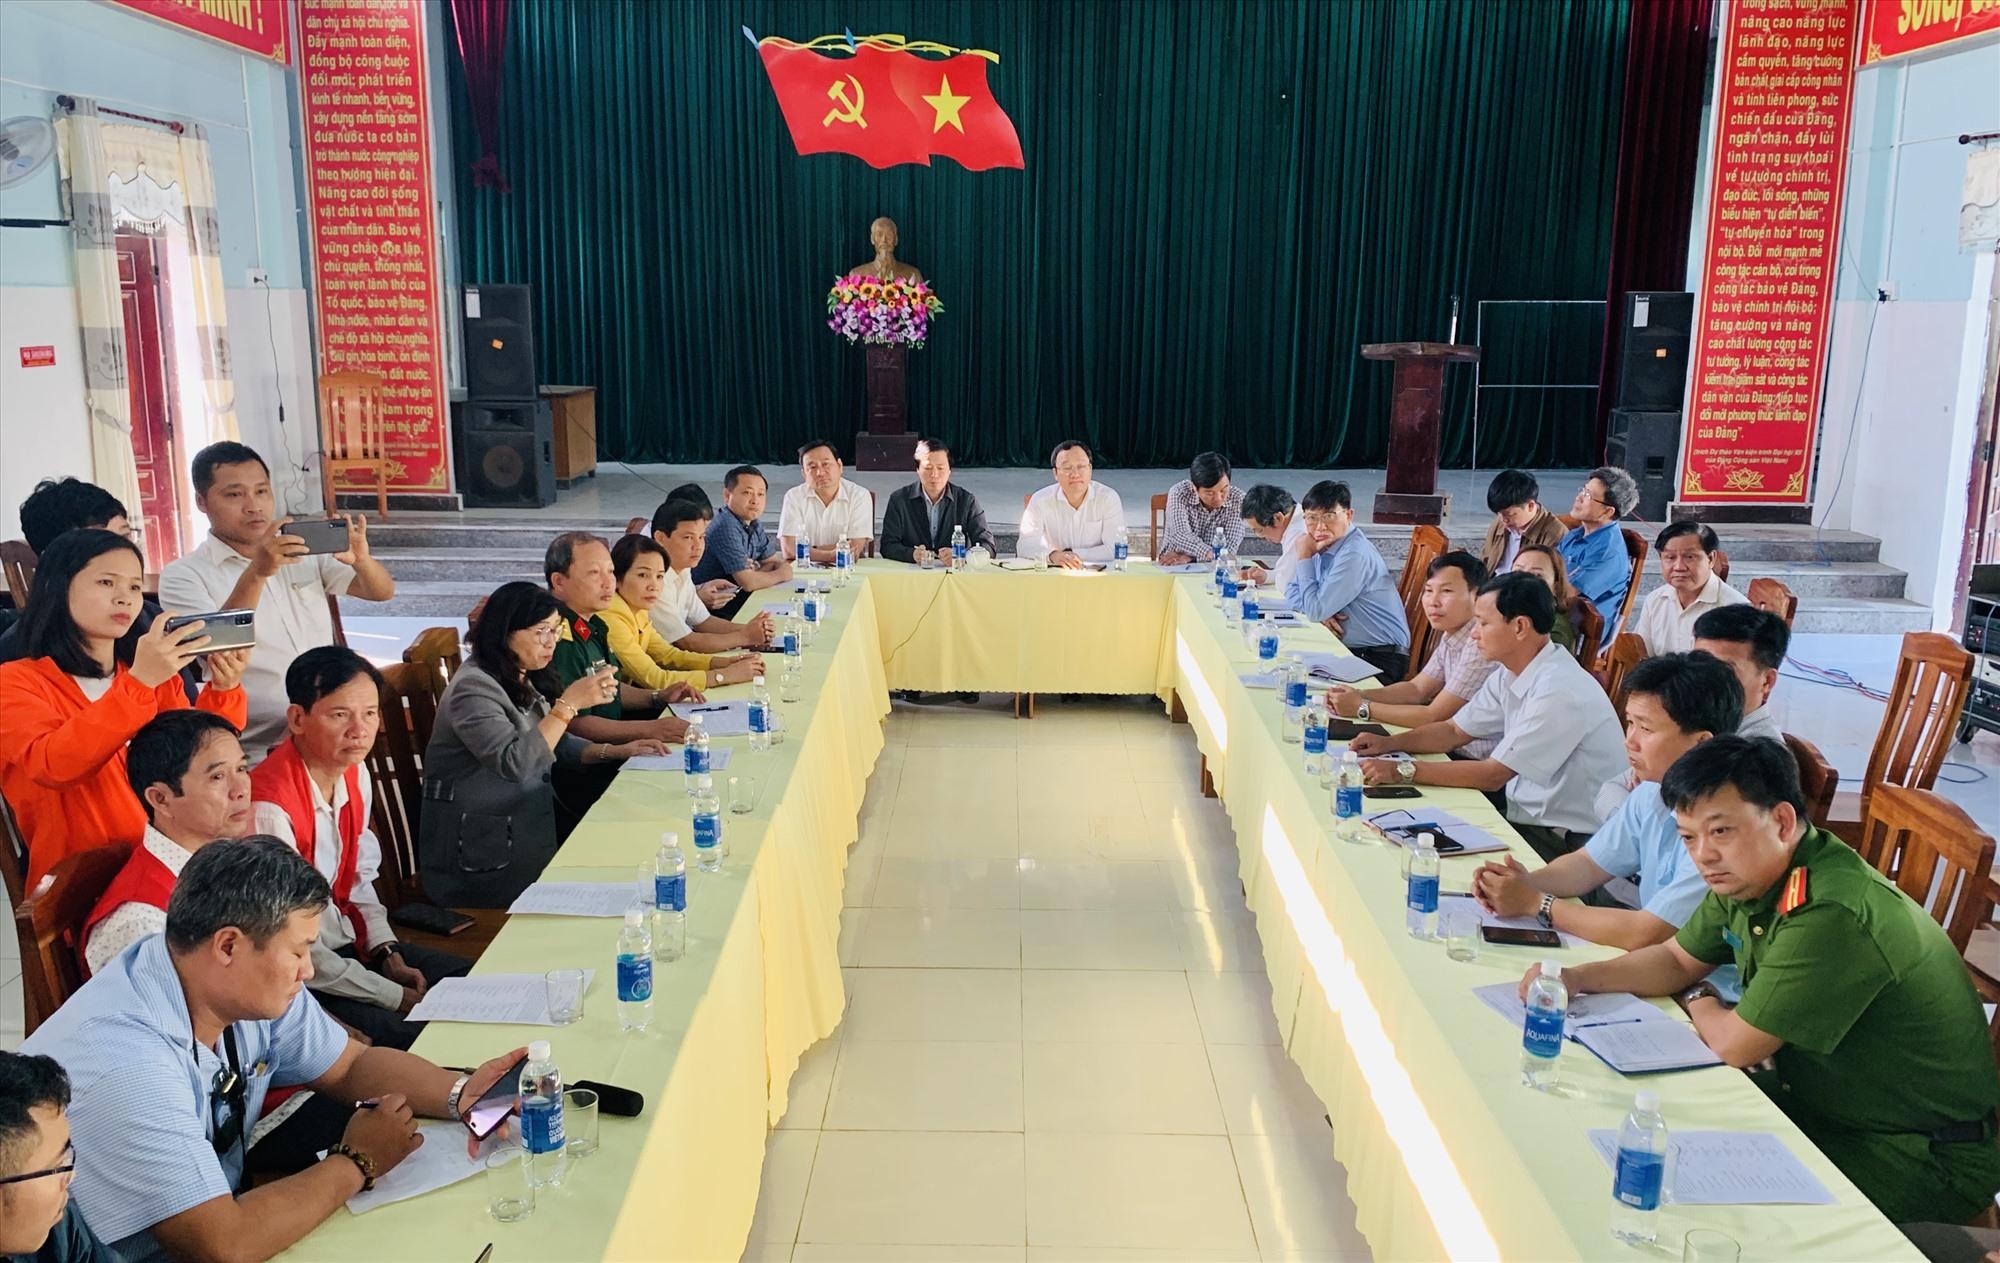 Quang cảnh cuộc họp nghe báo cáo nhanh về vụ tai nạn lật thuyền trên sông Vu Gia ngày 25.2. Ảnh Nhóm P.V